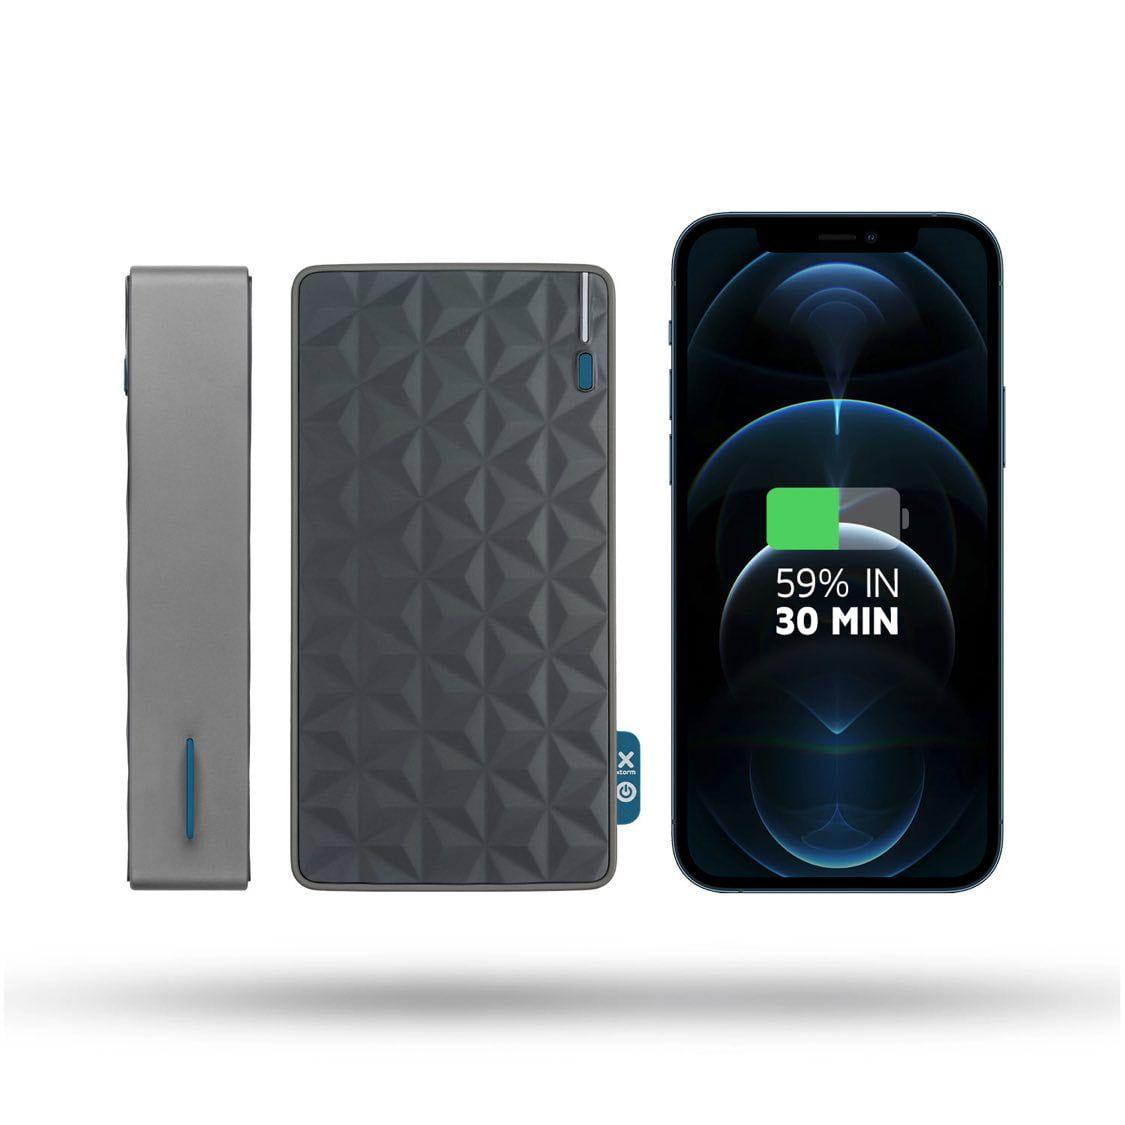 Nowe powerbanki Xtorm Fuel 4, czyli szybkie ładowanie w stylowej oprawie